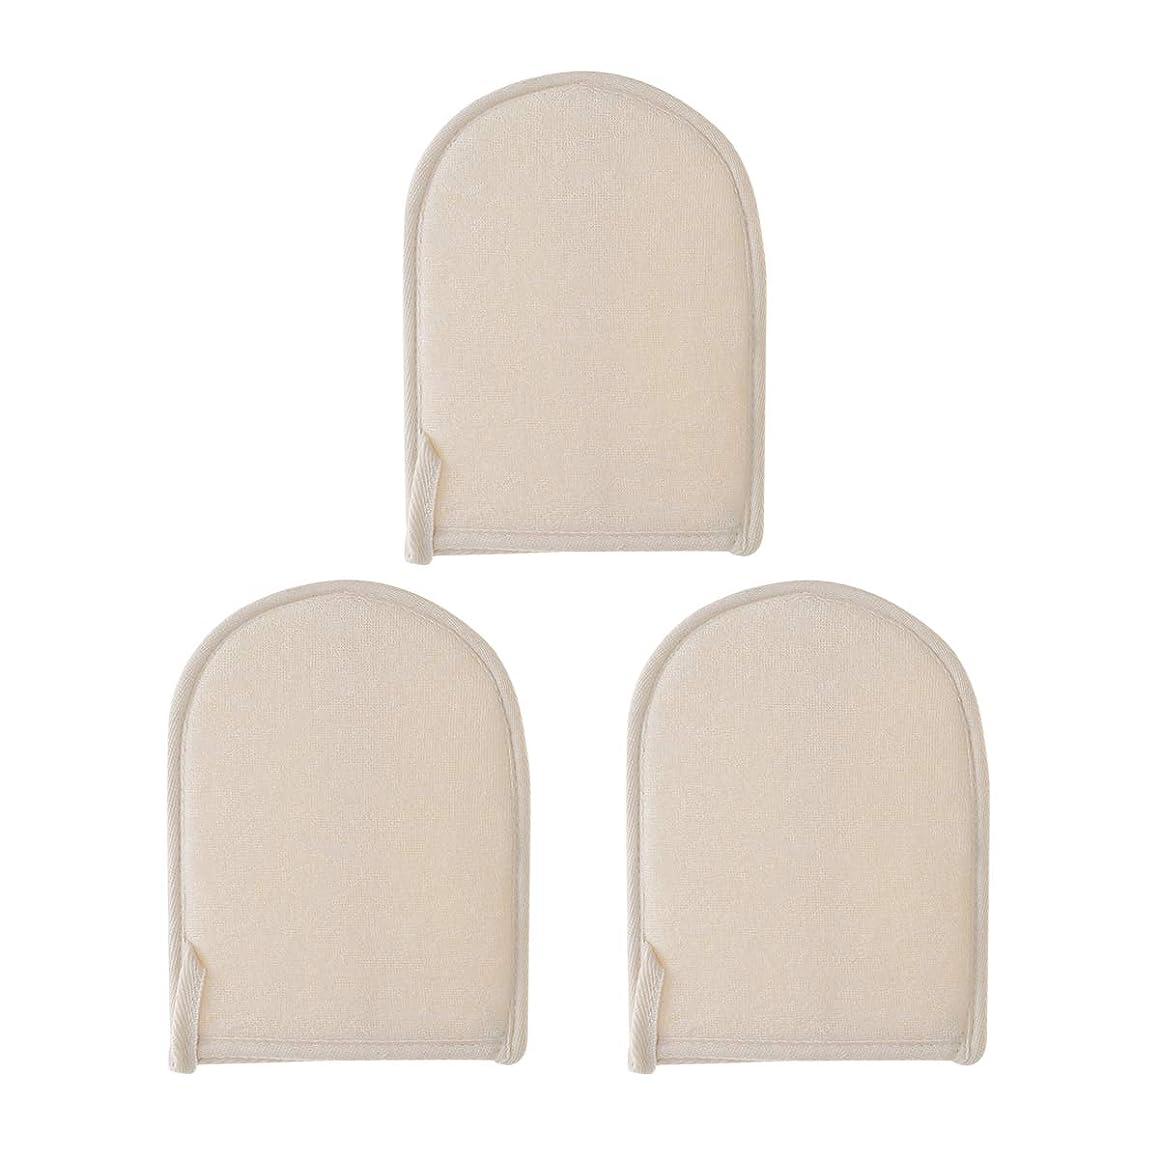 ジェット感情のコスチュームHEALLILY Loofah手袋ソフトスポンジスクラバーシャワークリーニング用手袋指なし3本